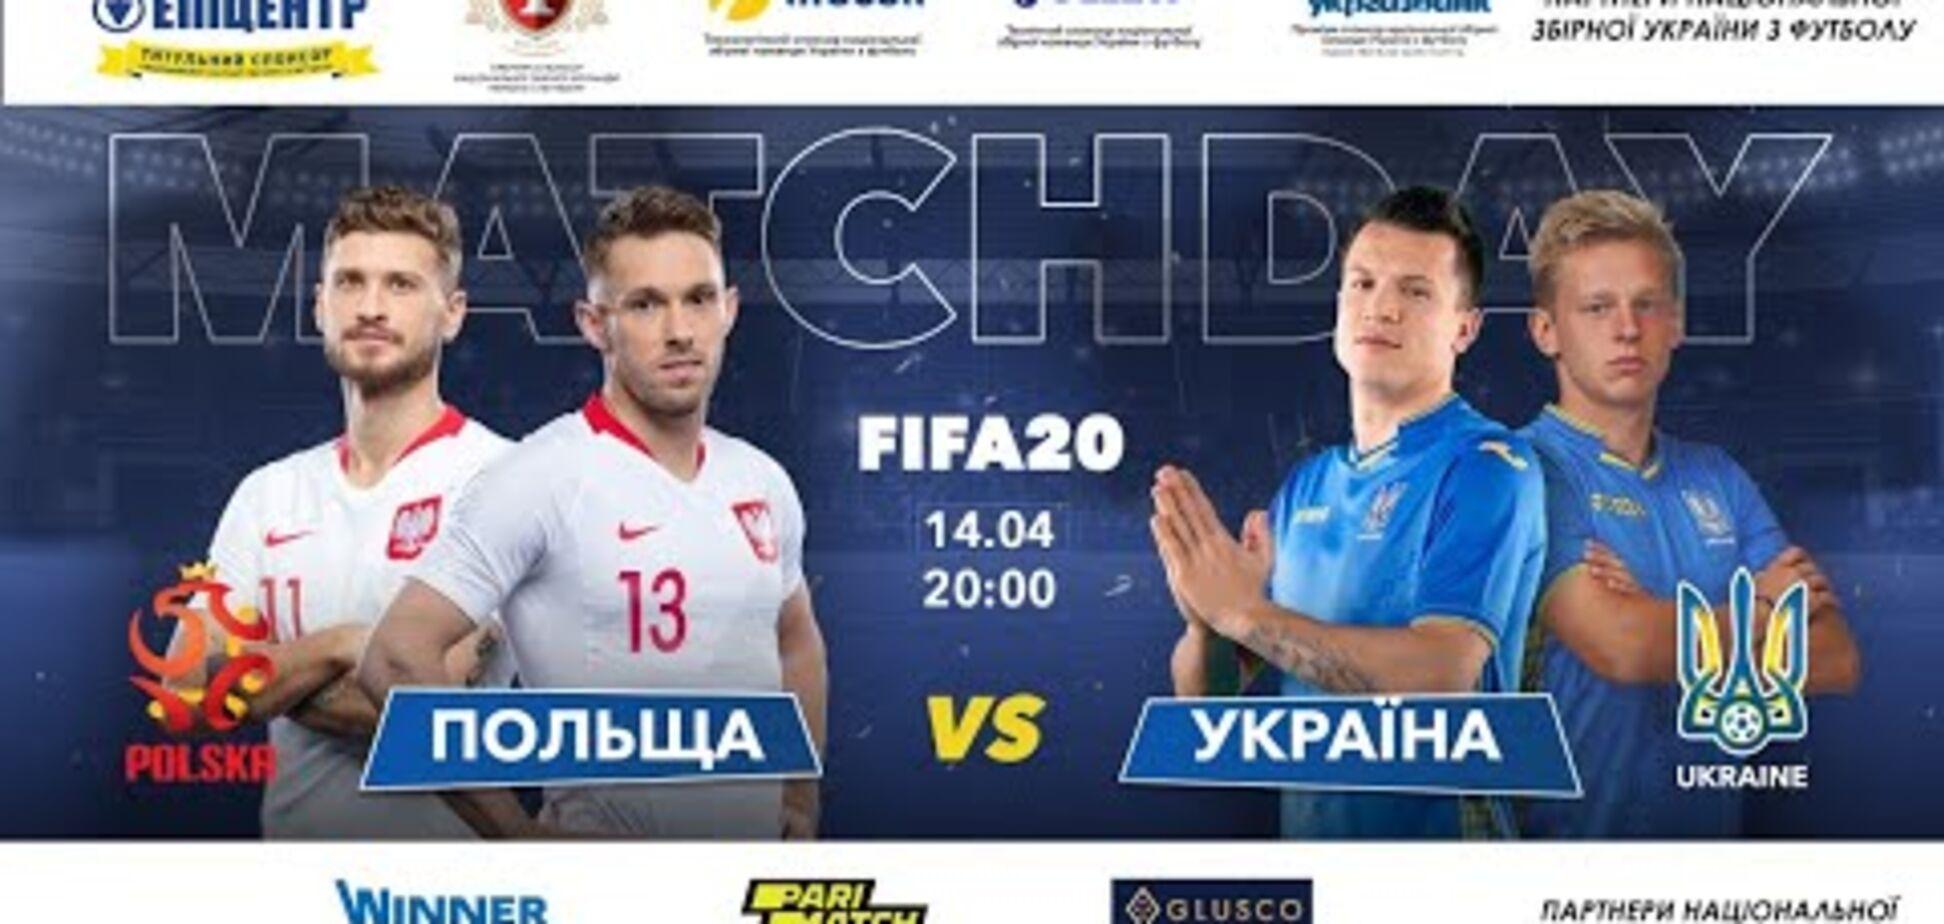 Зинченко и Коноплянка обыграли Польшу в FIFA 20